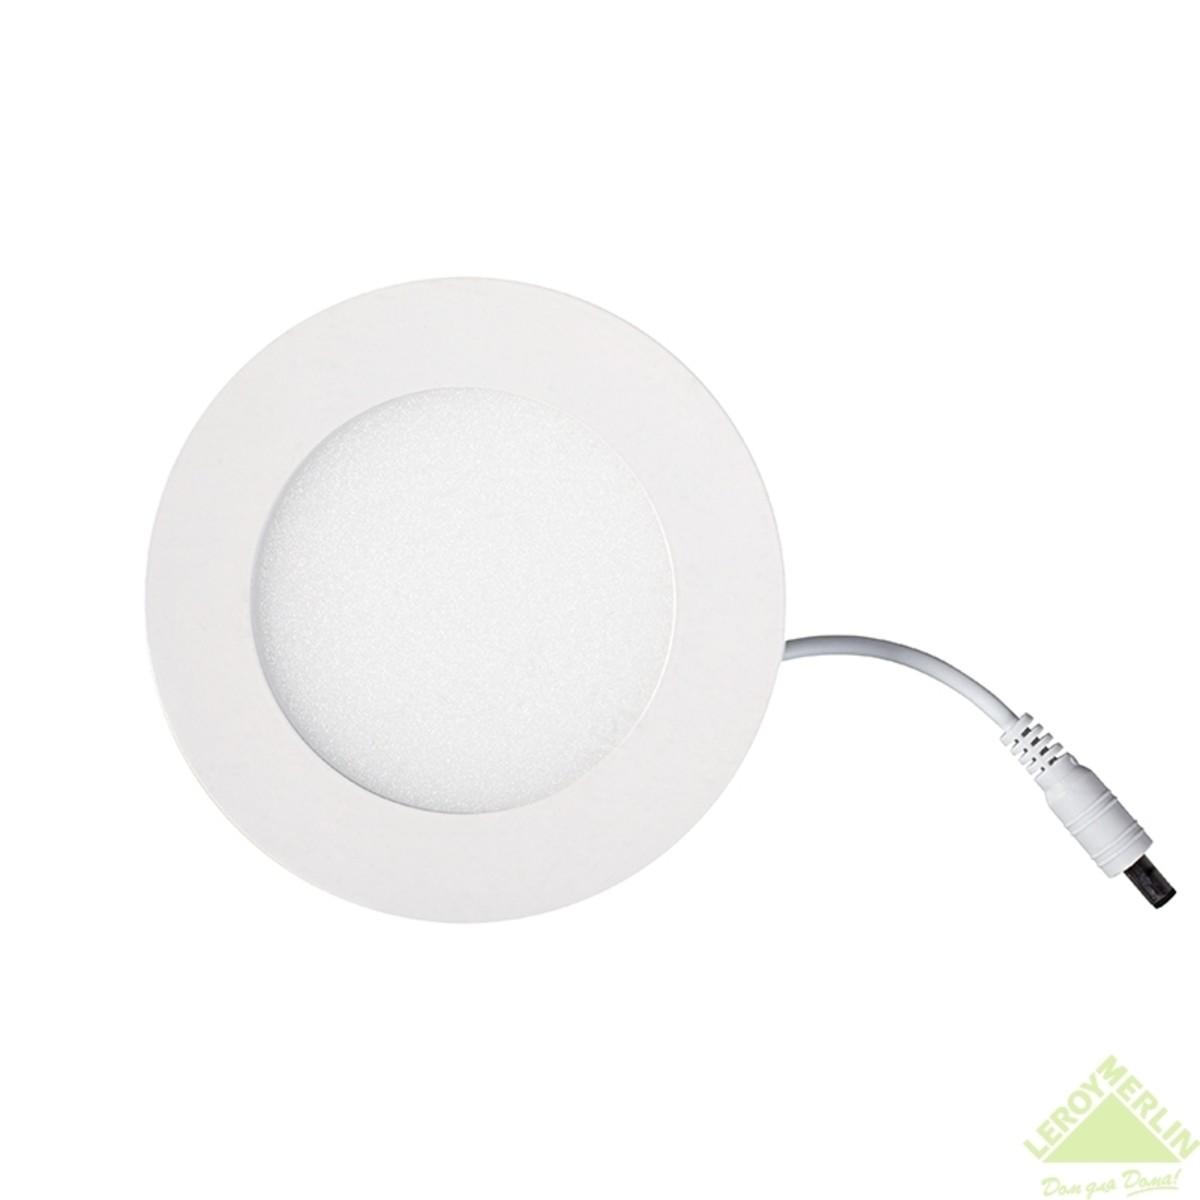 Светильник встраиваемый СТАРТ 6Вт 400Лм 10 см 4200К белый